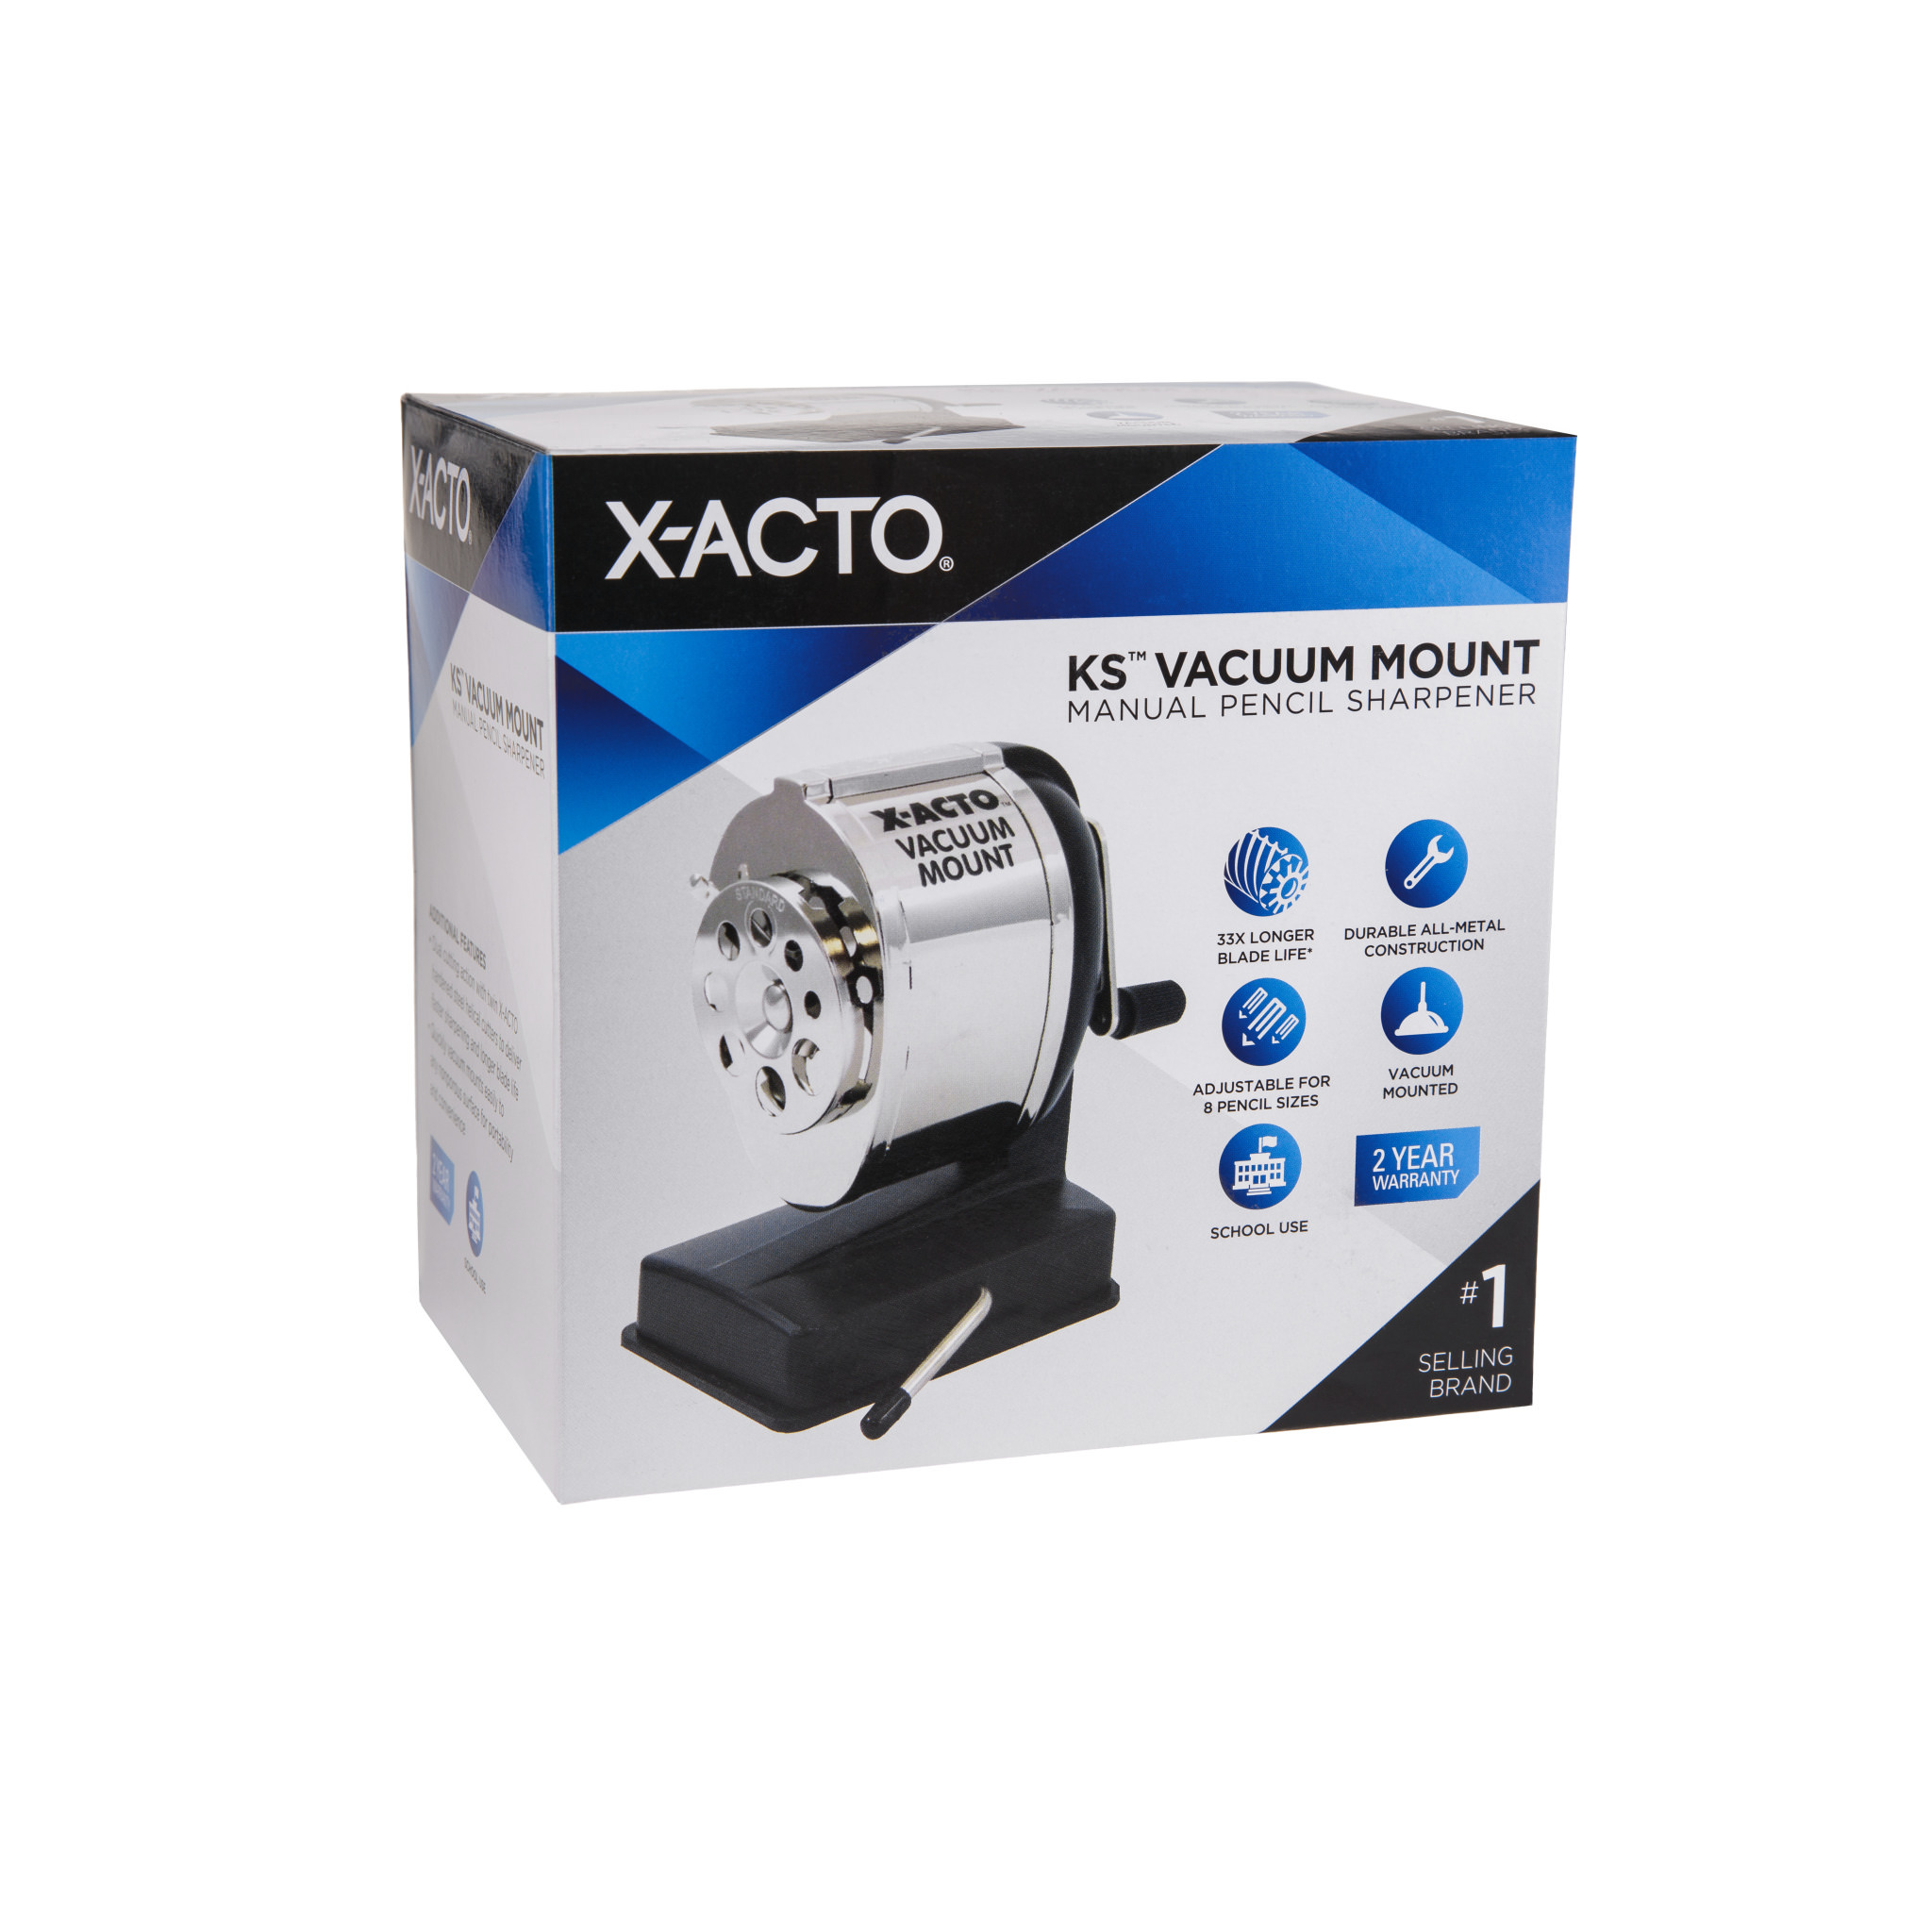 X-Acto KSV Vacuum Mount Sharpener